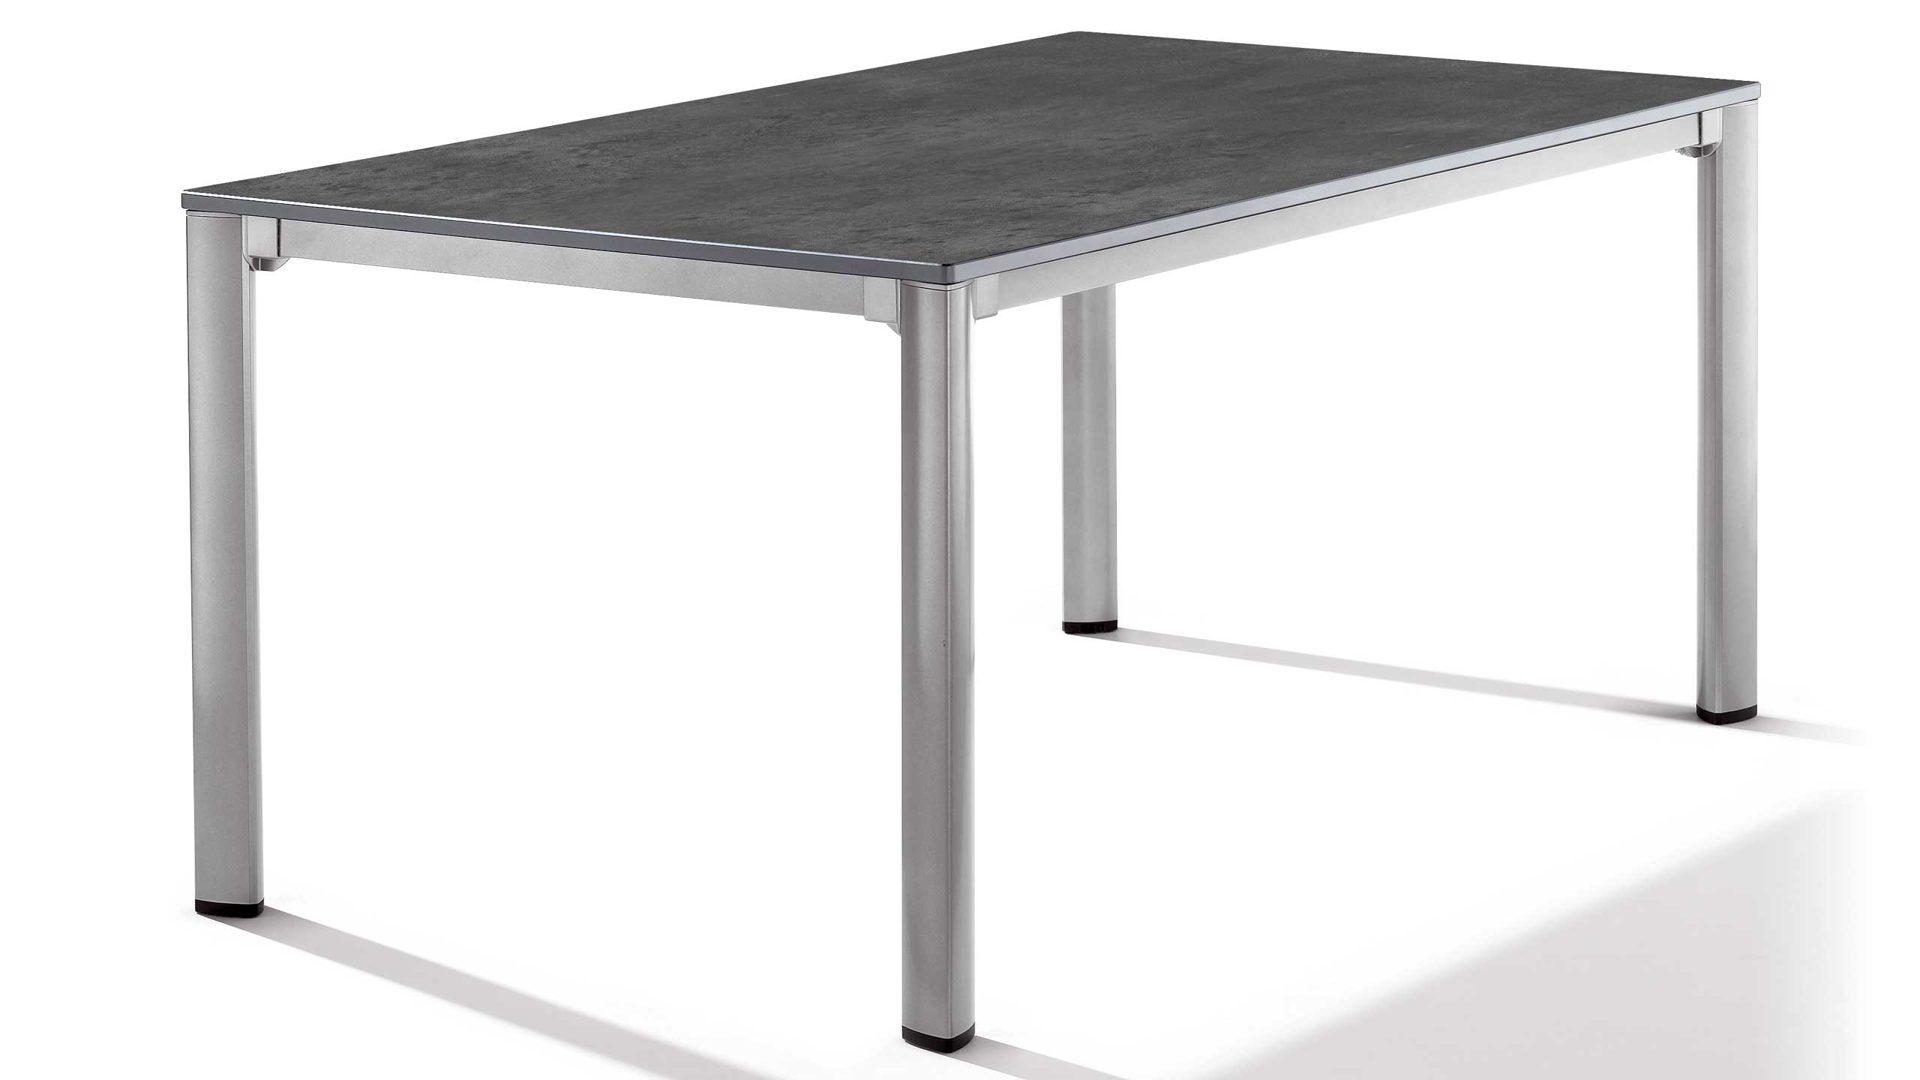 Free Gartentisch Sieger In Grau Sieger Exclusiv Puroplan Loft Tisch  Gartentisch Gestell Aluminium With Gartentisch Grau